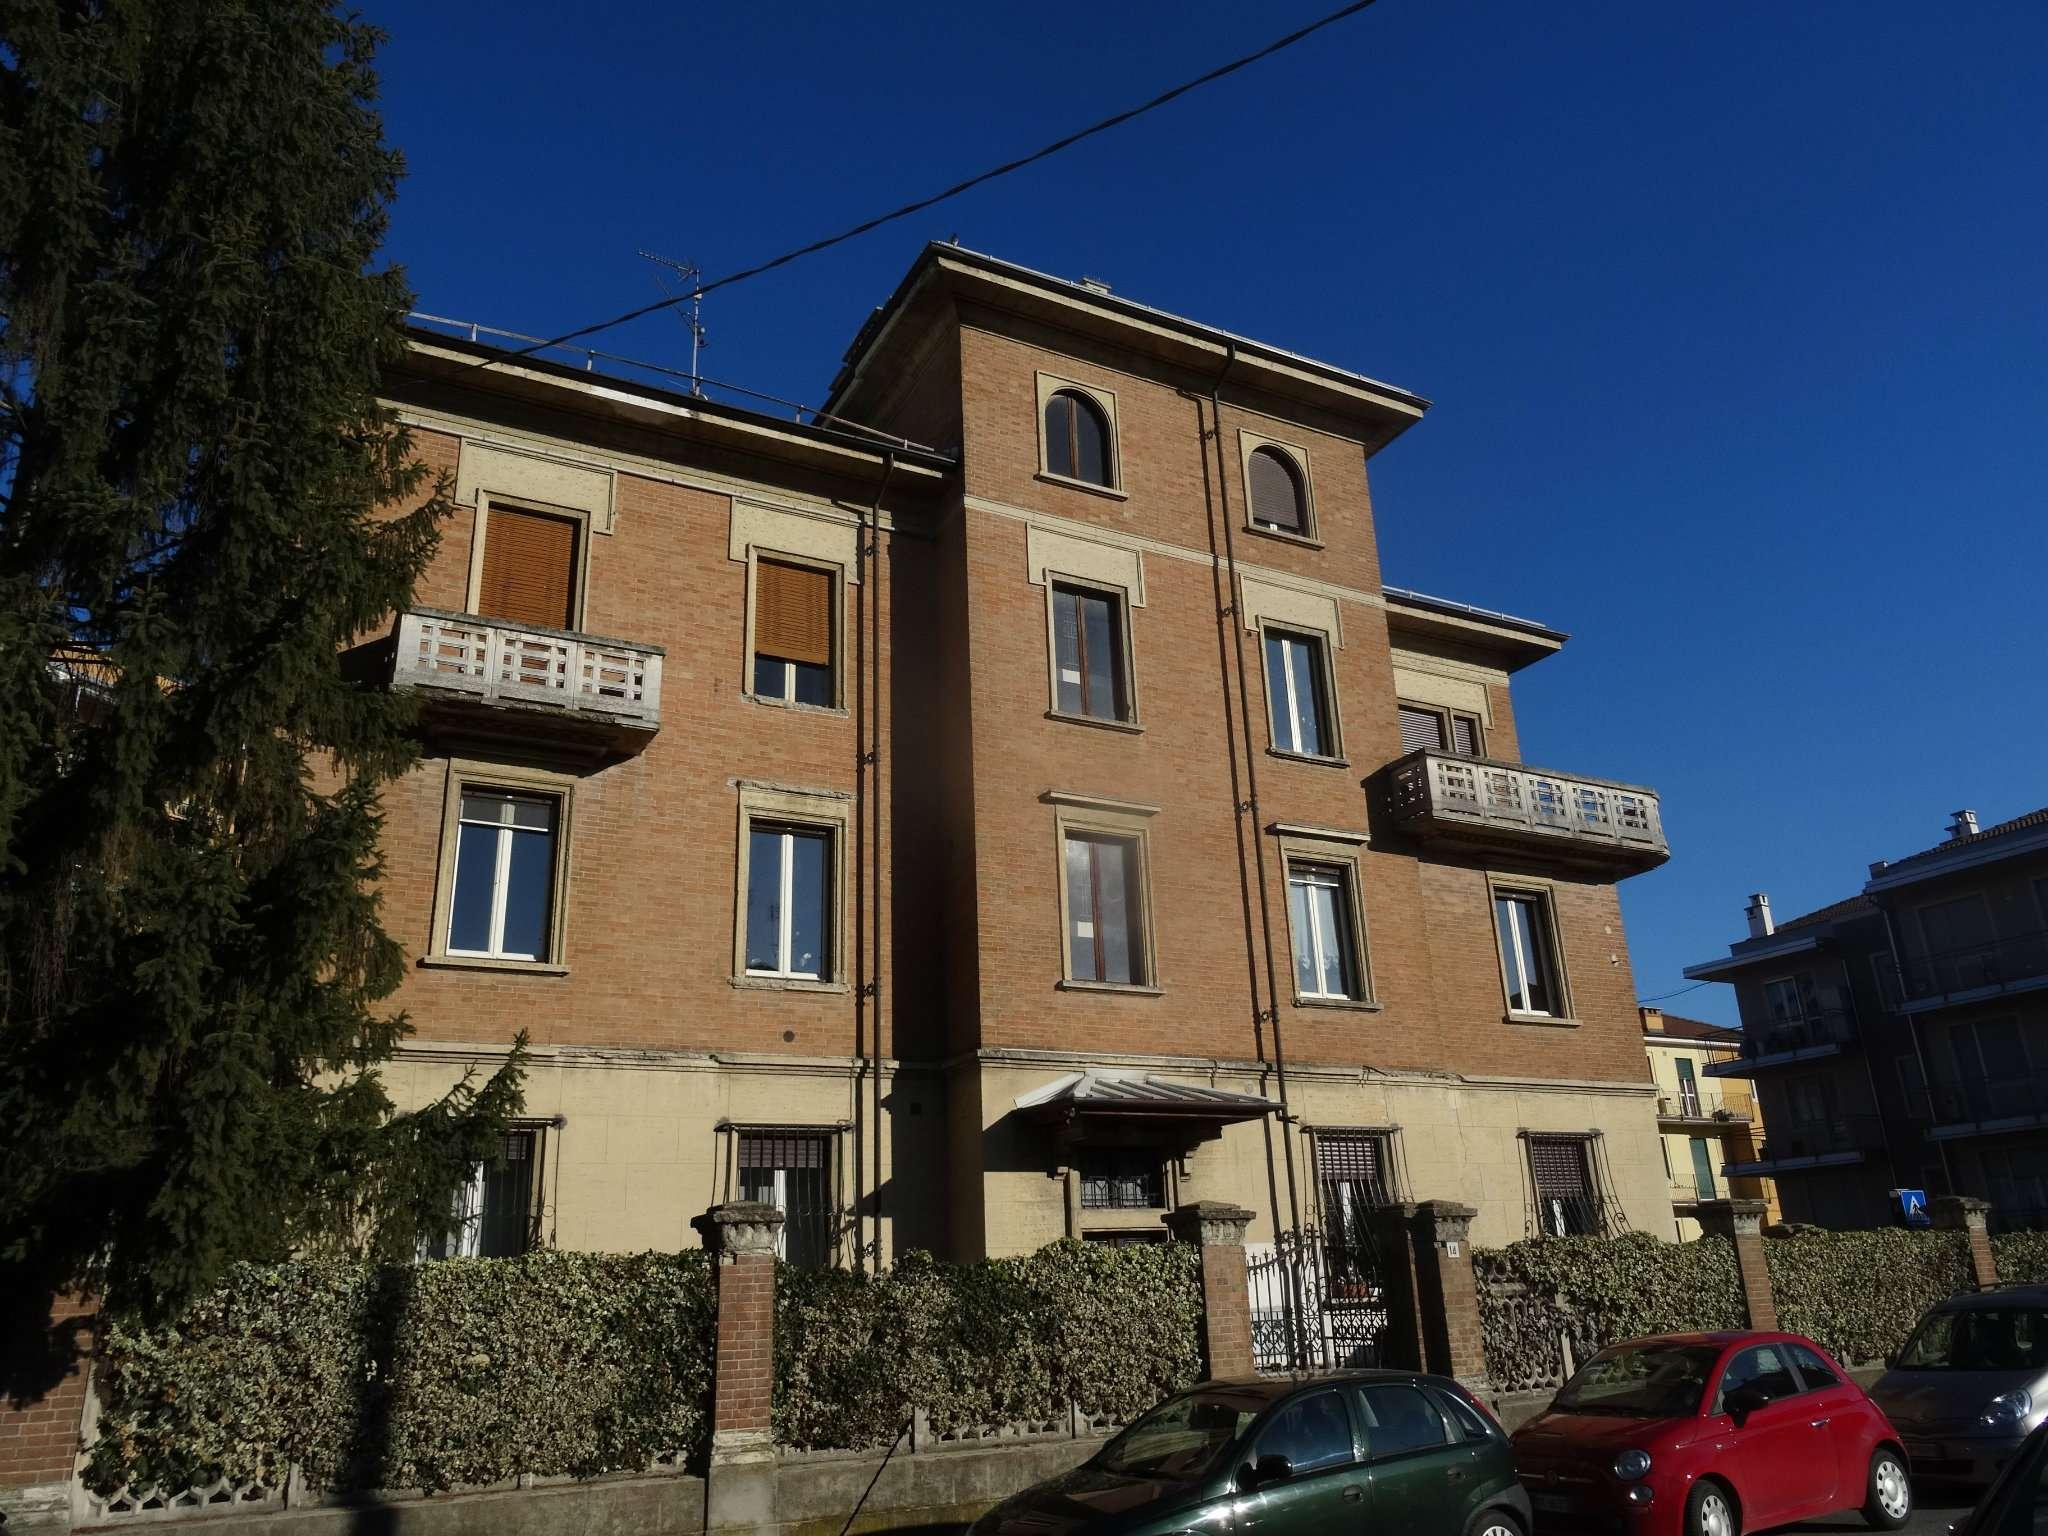 Appartamenti in affitto a mondov for Affitto cuneo arredato